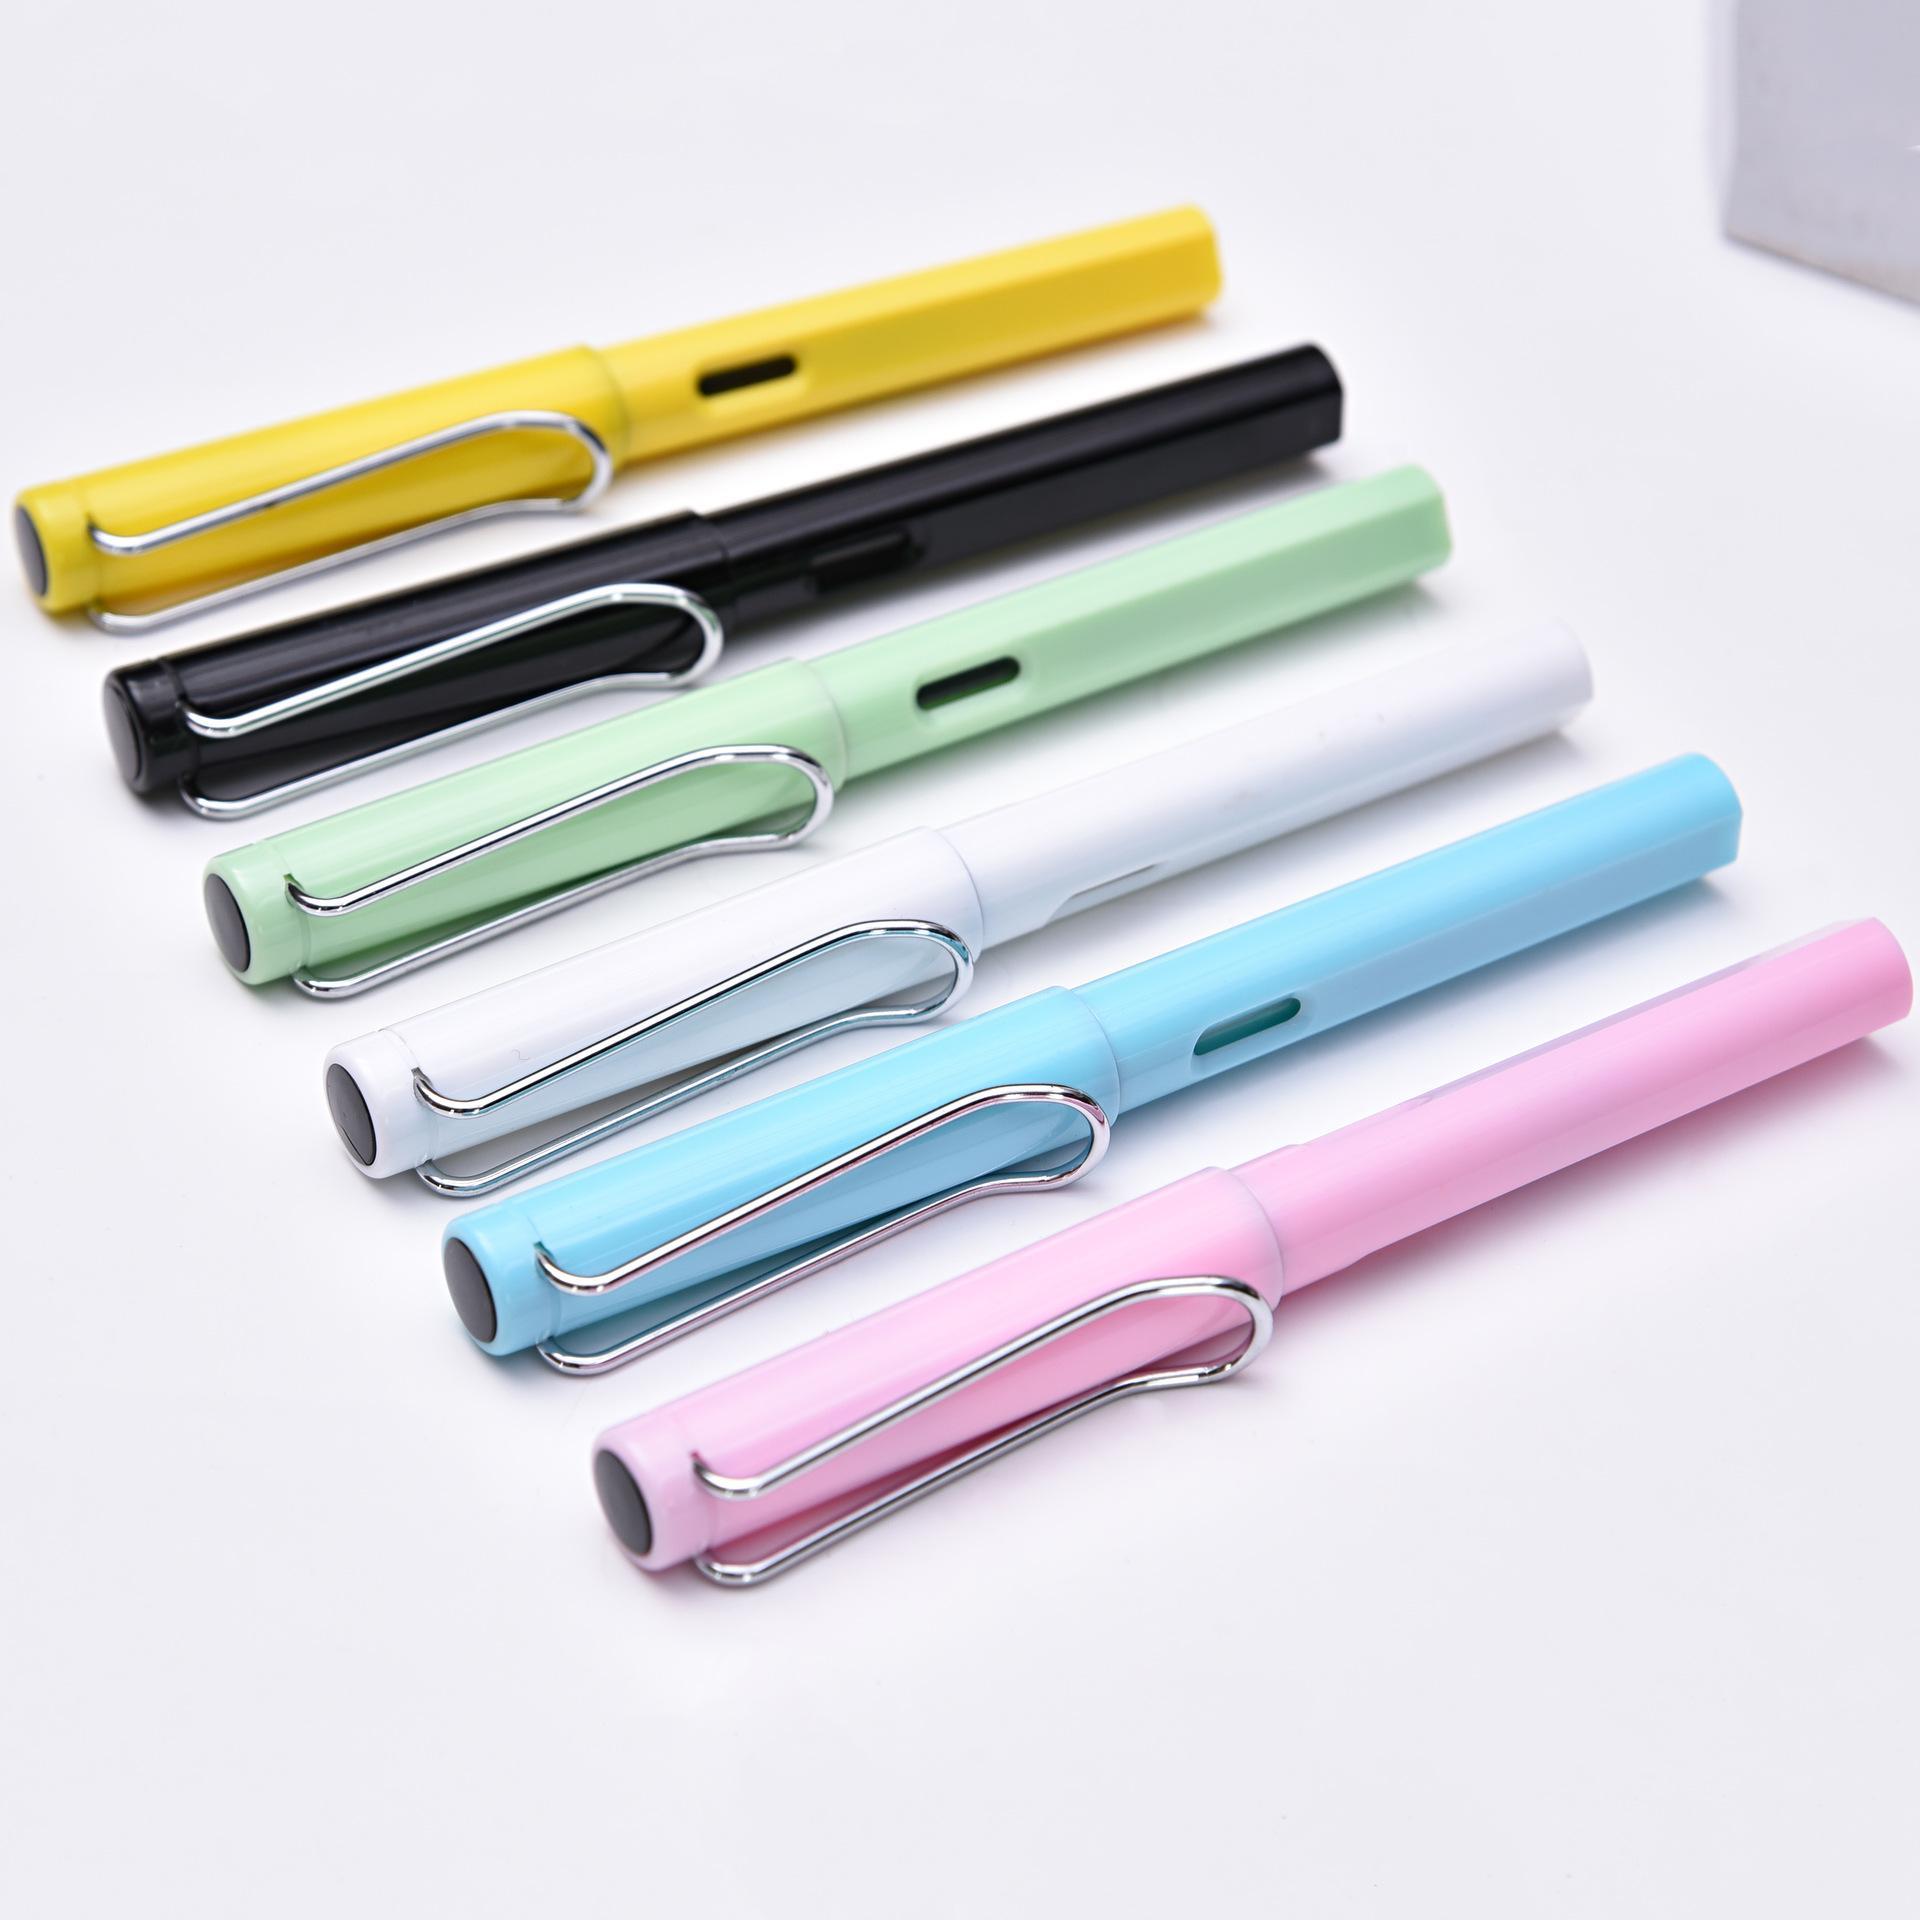 Stylo de couleur pour stylo de bureau Stylo à bille vertical